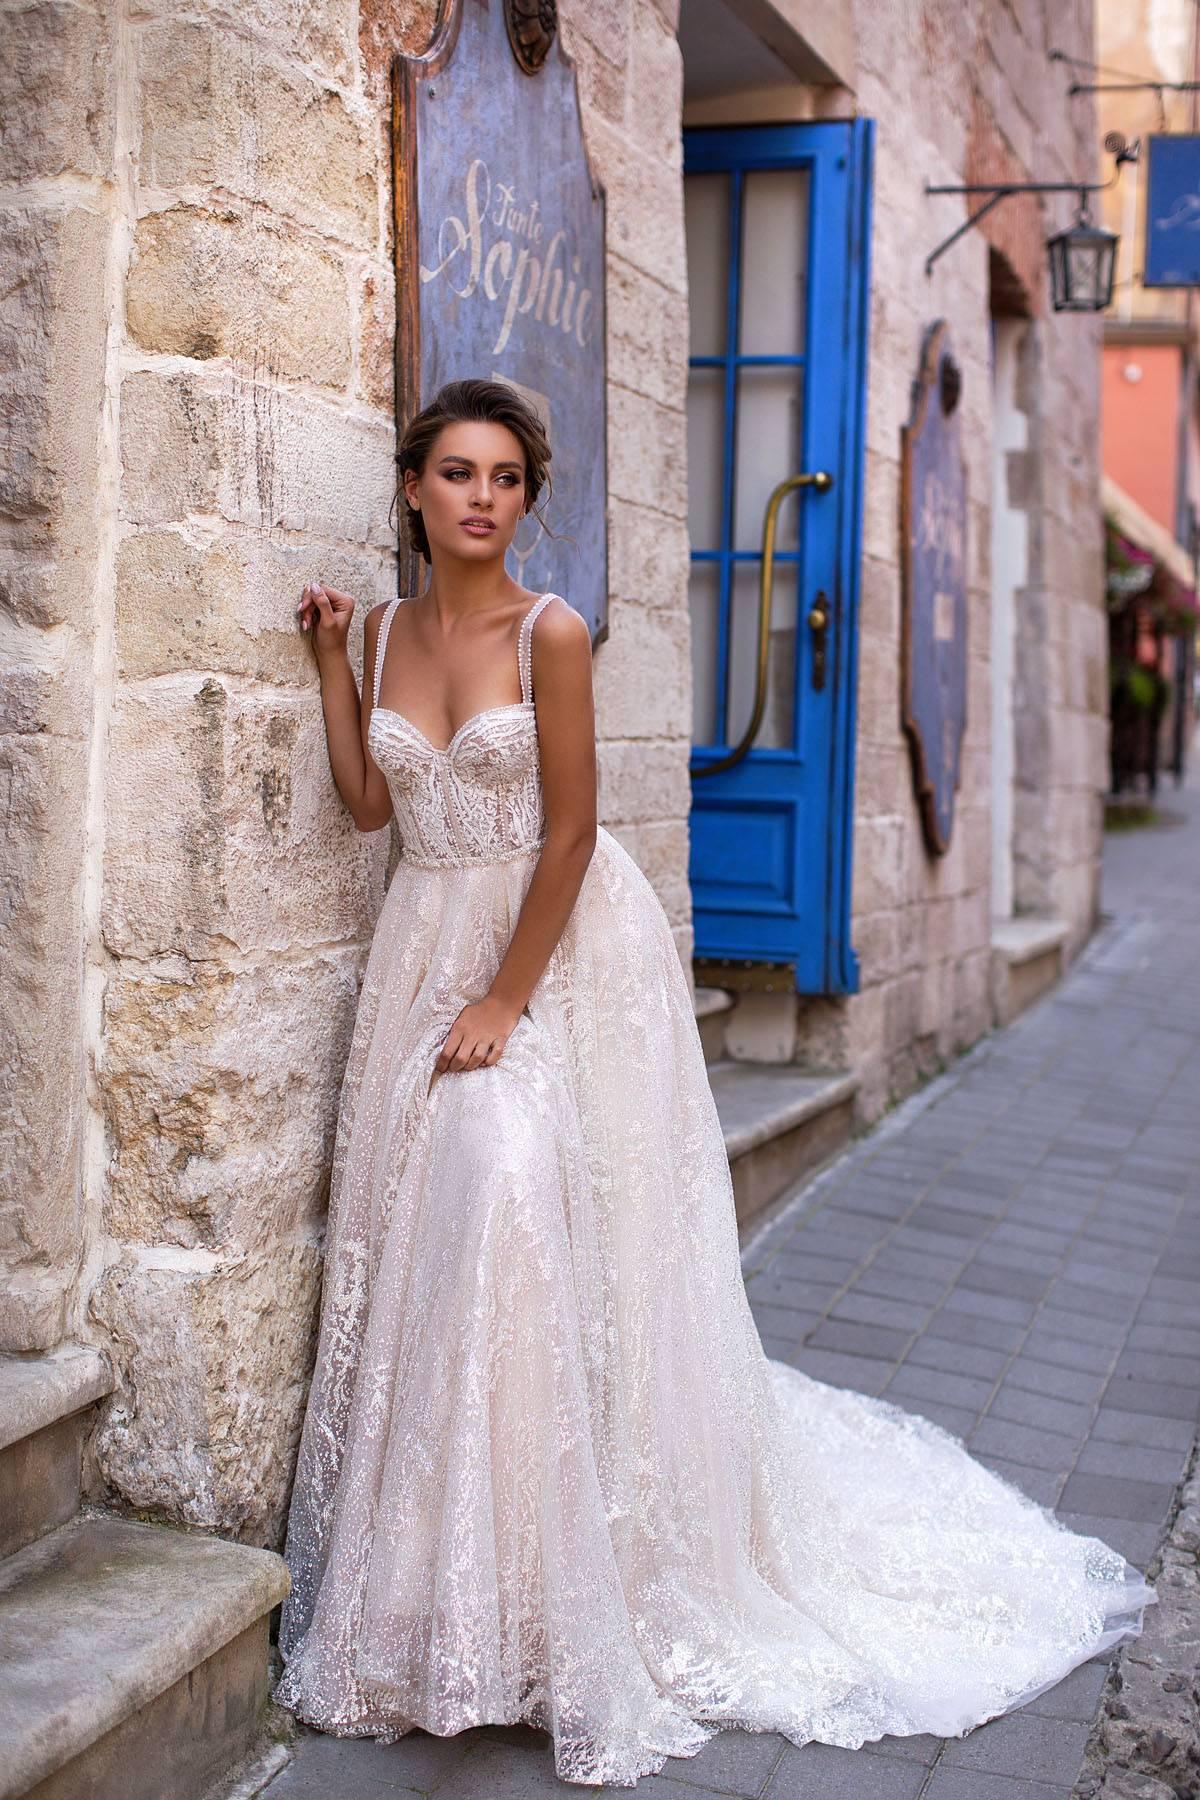 Отпаривание свадебного платья: как отпарить отпаривателем или утюгом платье из фатина в домашних условиях?